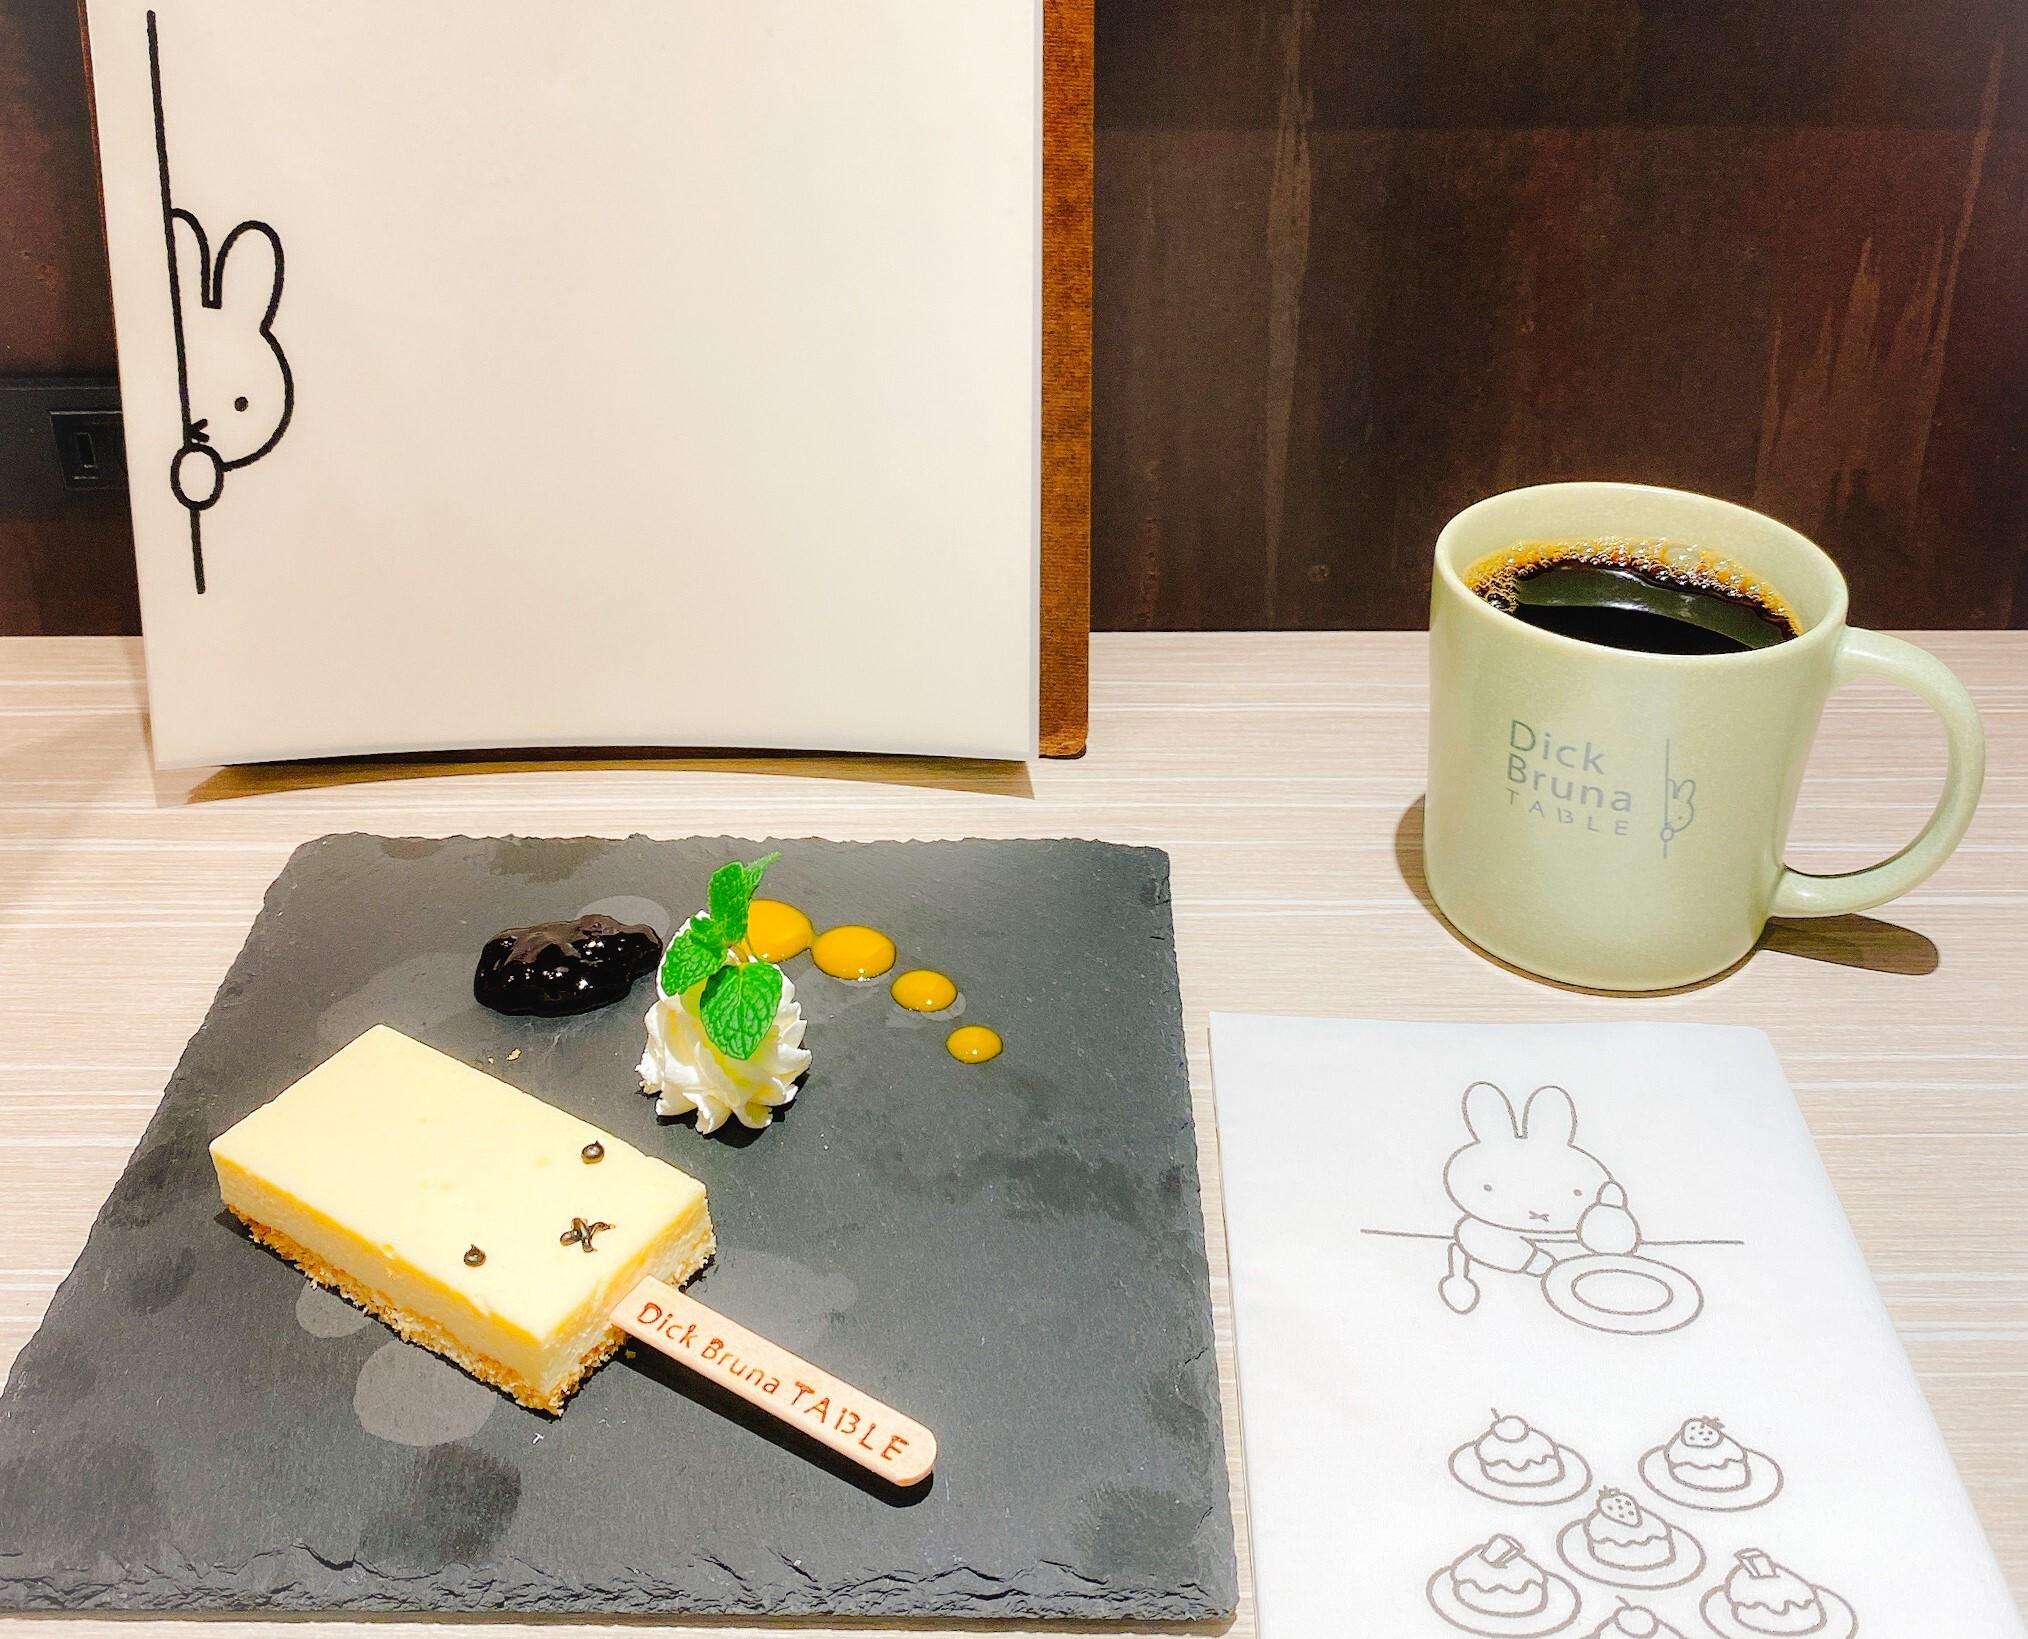 ディック・ブルーナ テーブル 横浜でいただいた「ミッフィーチーズケーキバー」。食器もかわいい。